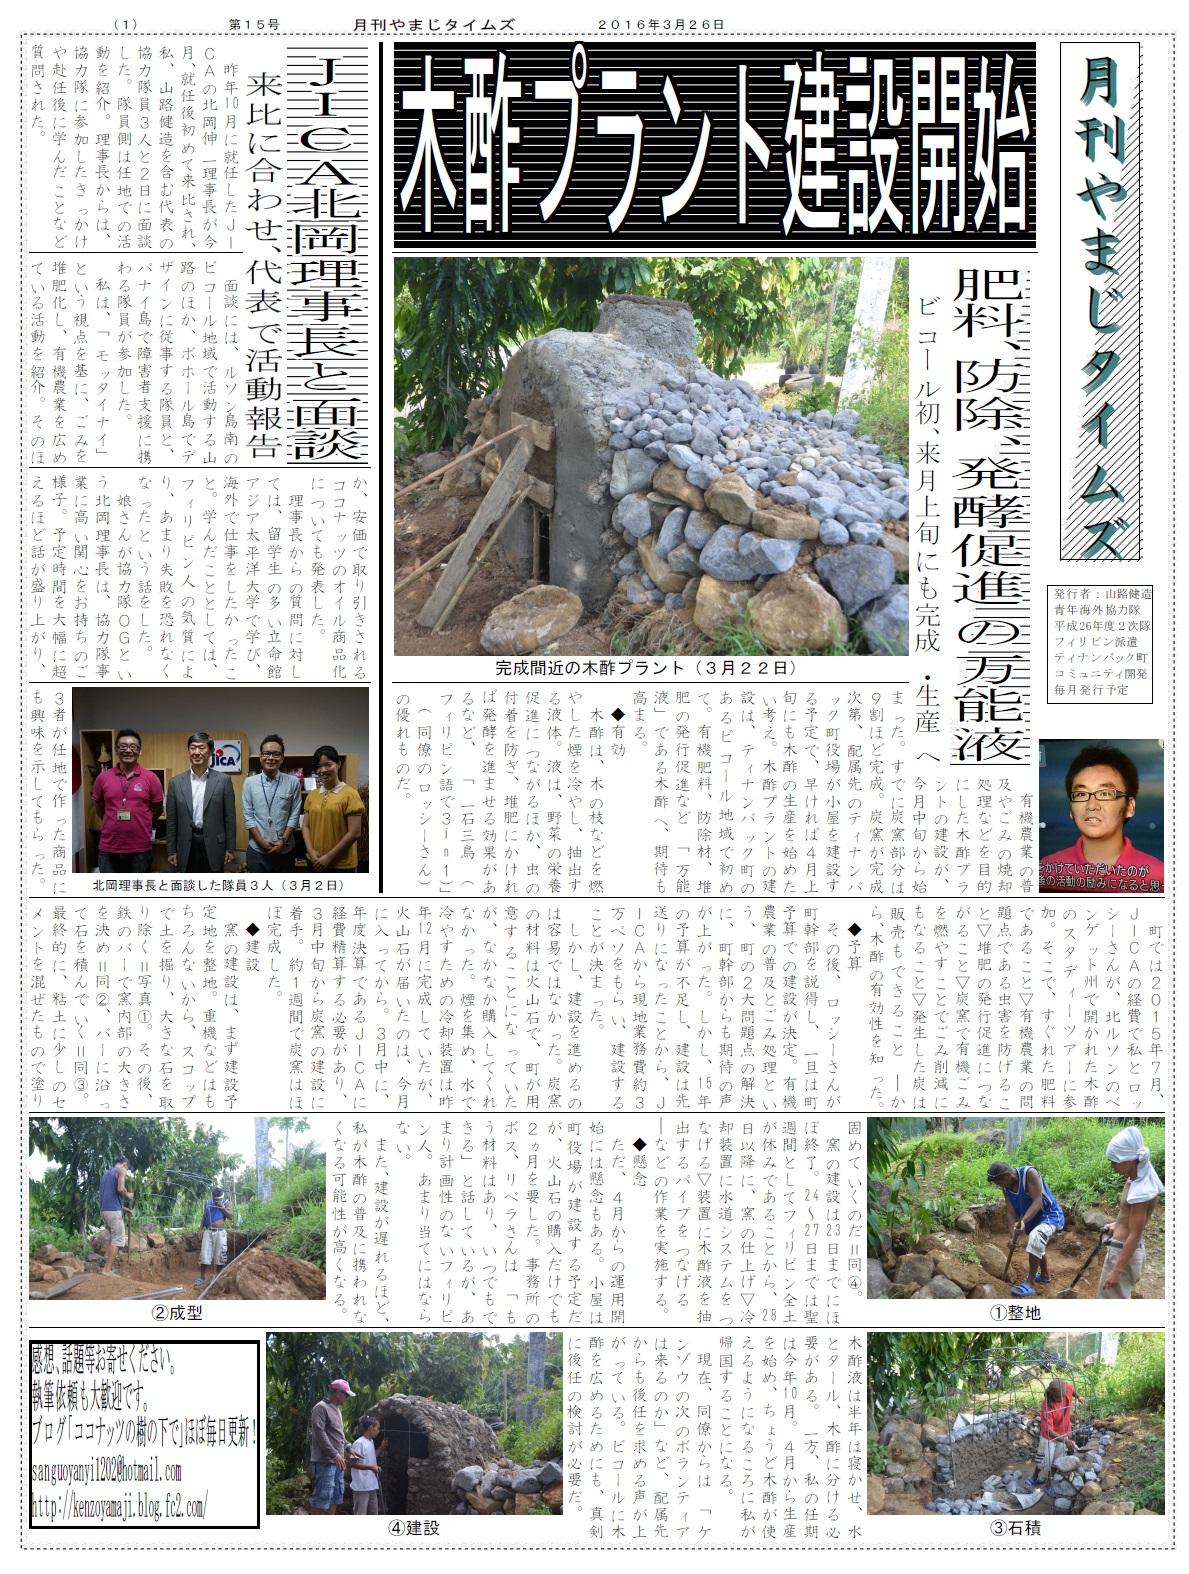 月刊やまじタイムズ第15号第1面